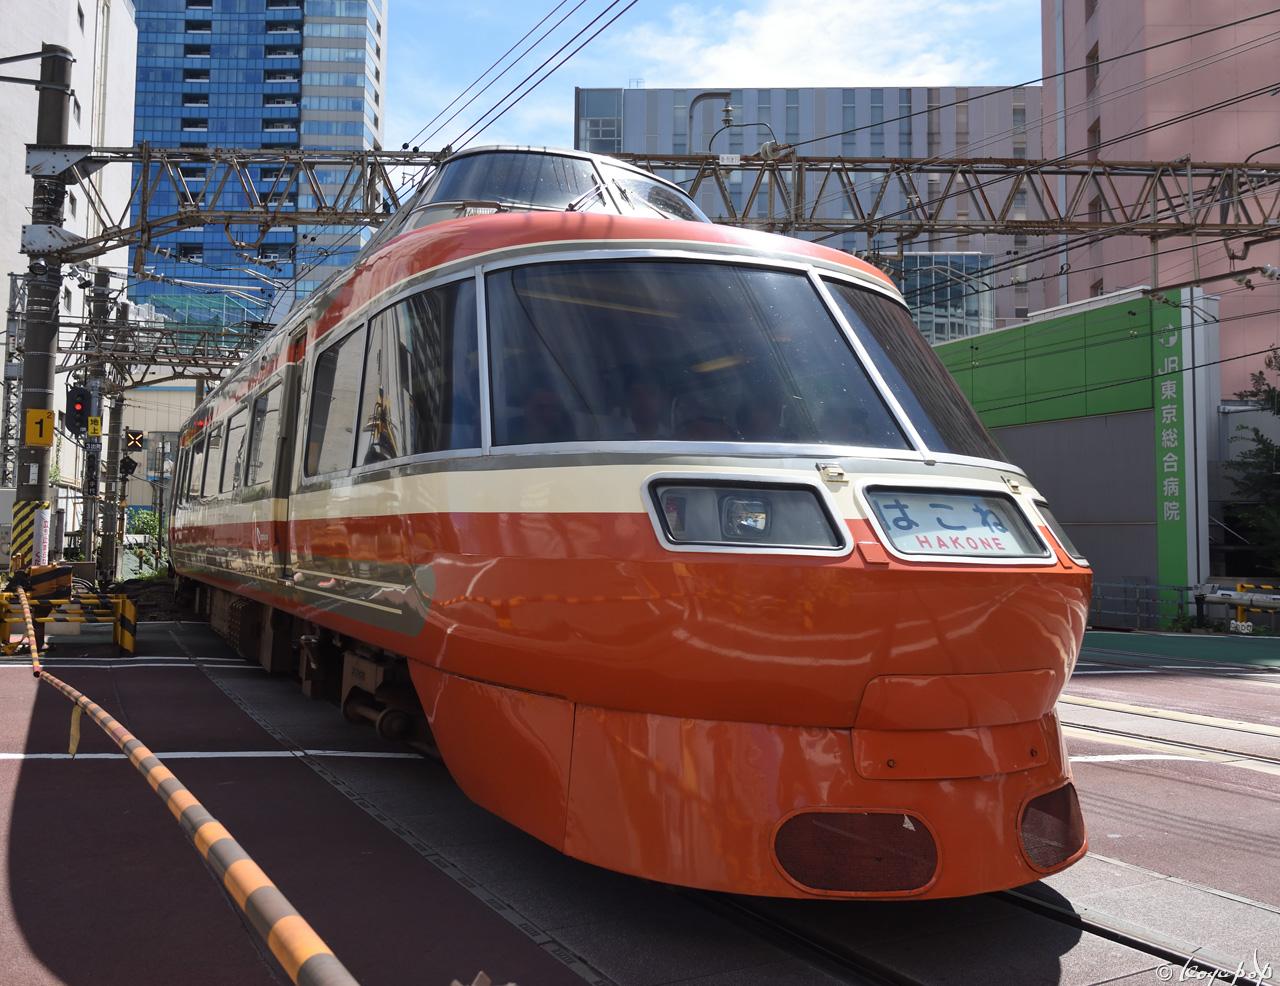 180630R-172x1280-2